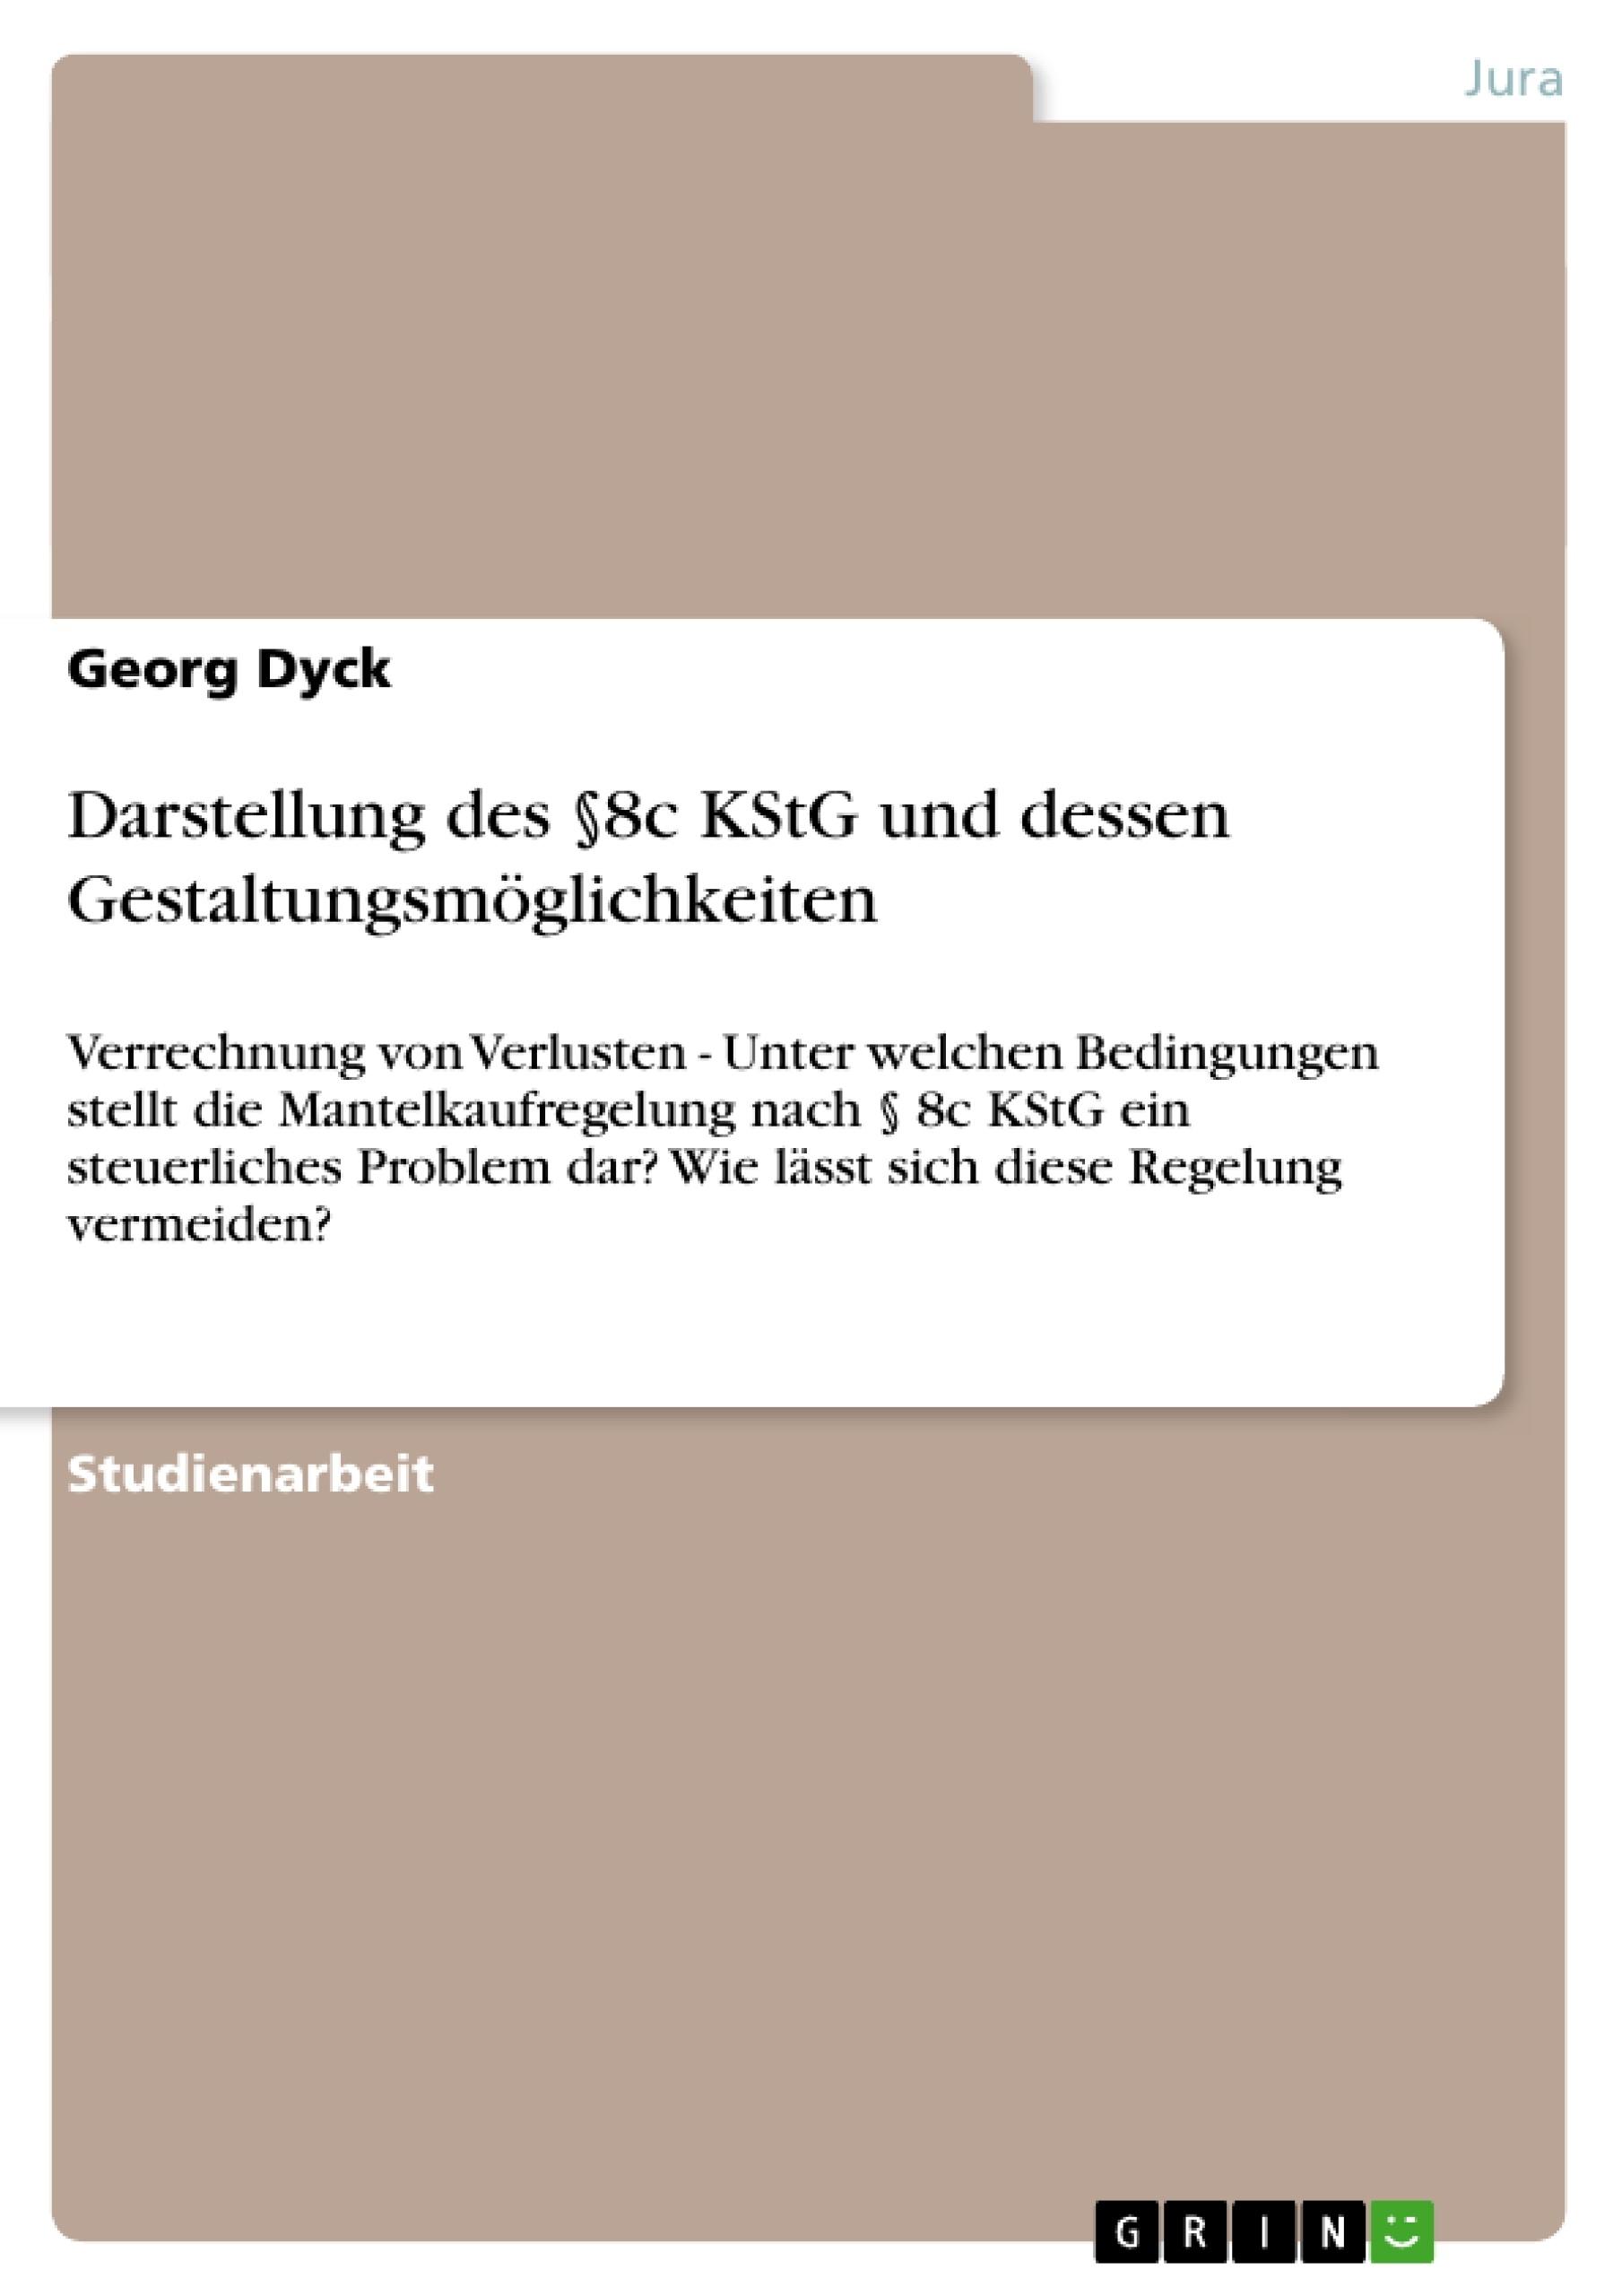 Titel: Darstellung des §8c KStG und dessen Gestaltungsmöglichkeiten